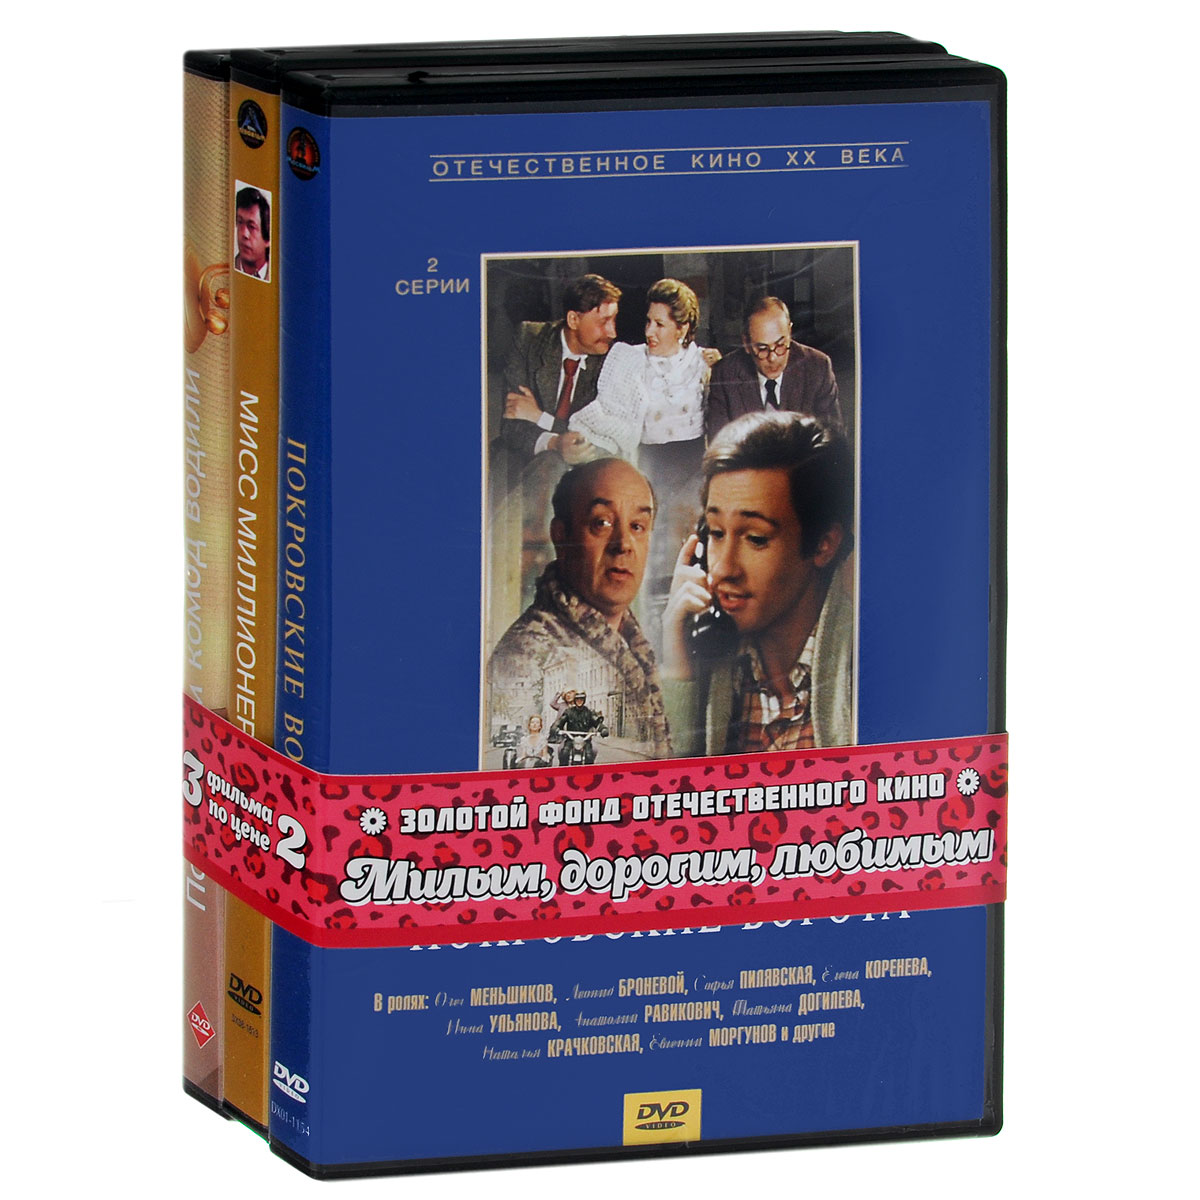 Милым, дорогим, любимым: Мисс миллионерша / По улицам комод водили / Покровские ворота. 1-2 серии (3 DVD) тарифный план